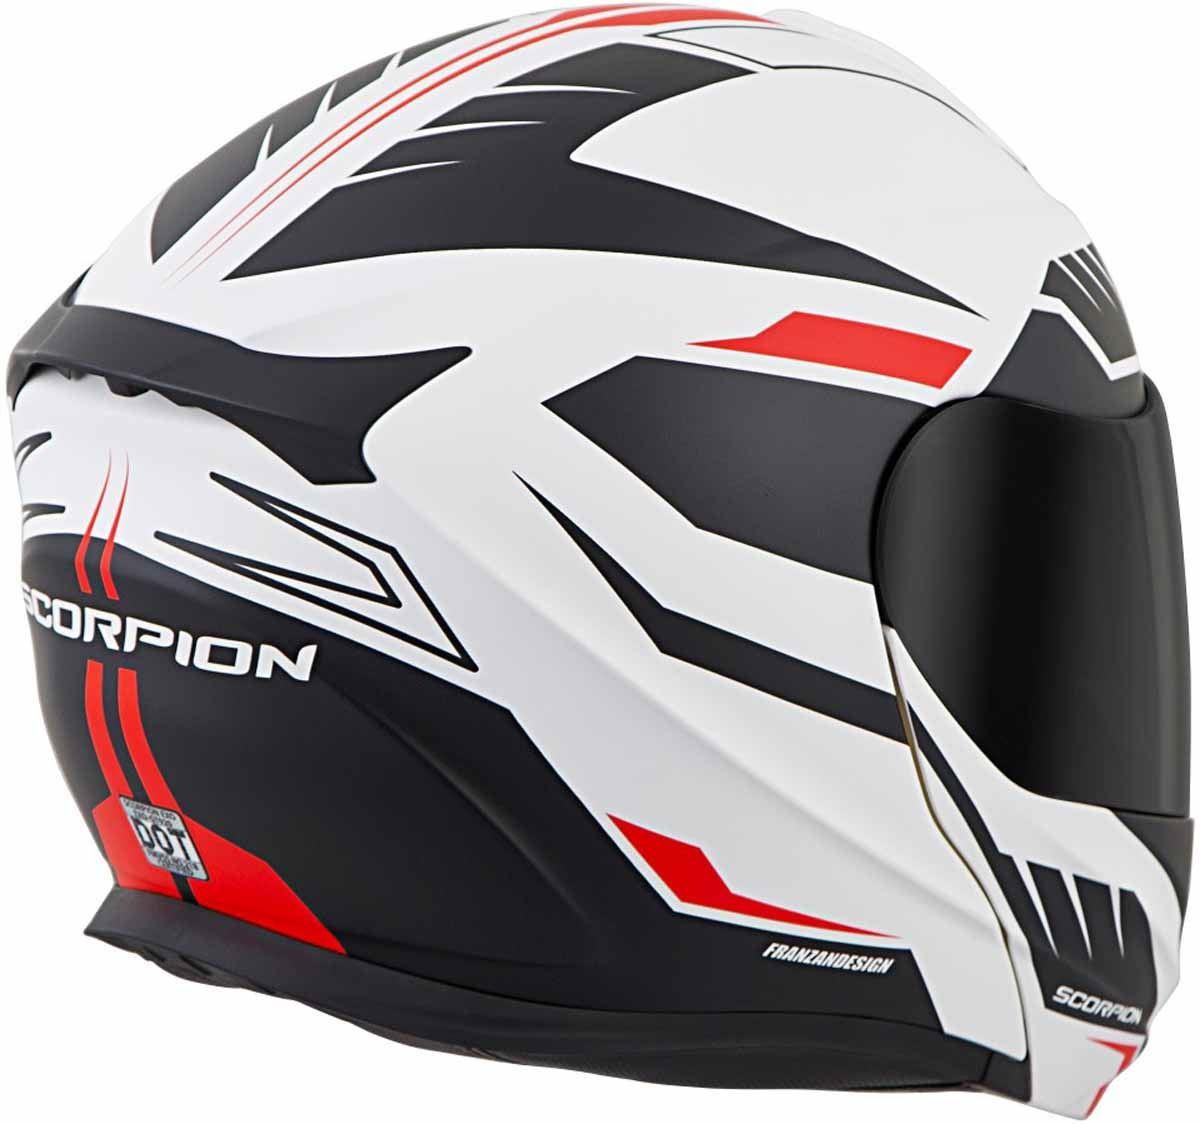 Scorpion-EXO-GT920-Helmet-Sport-Touring-Modular-Flip-Up-DOT-Approved-XS-3XL miniature 37